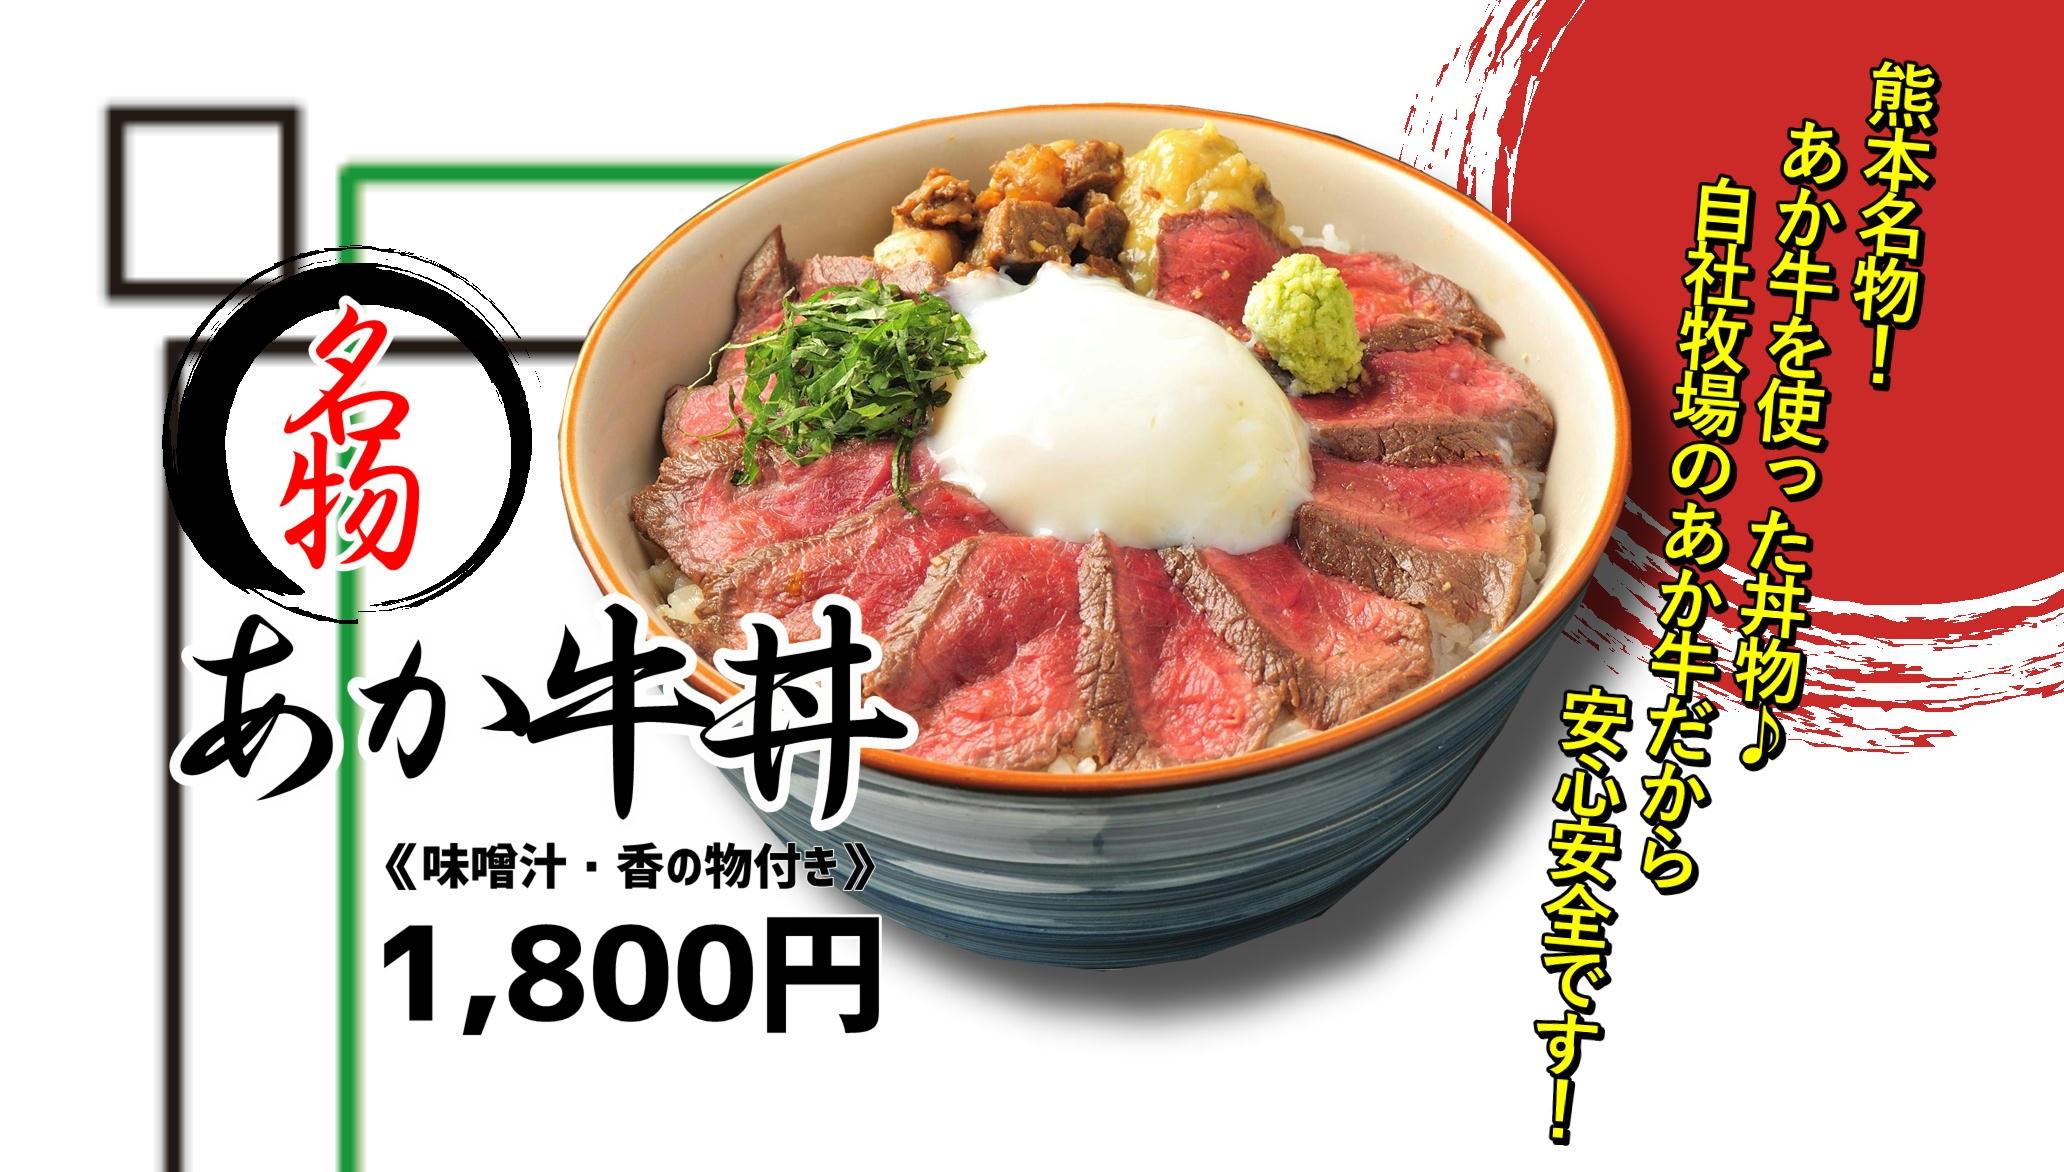 大津メニュー_あか牛丼